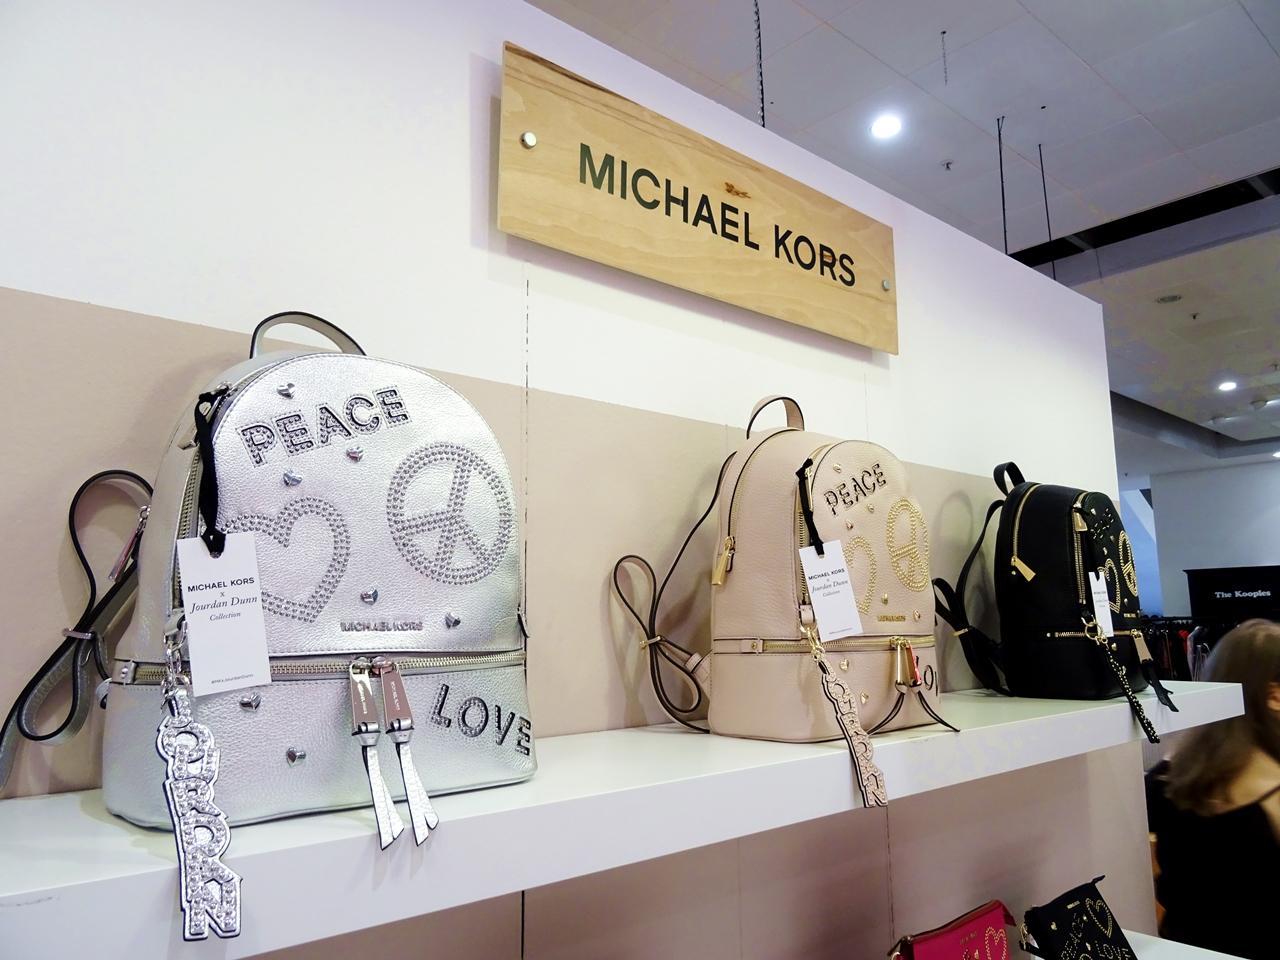 Jourdan Dunn launches Michael Kors collection at Selfridges